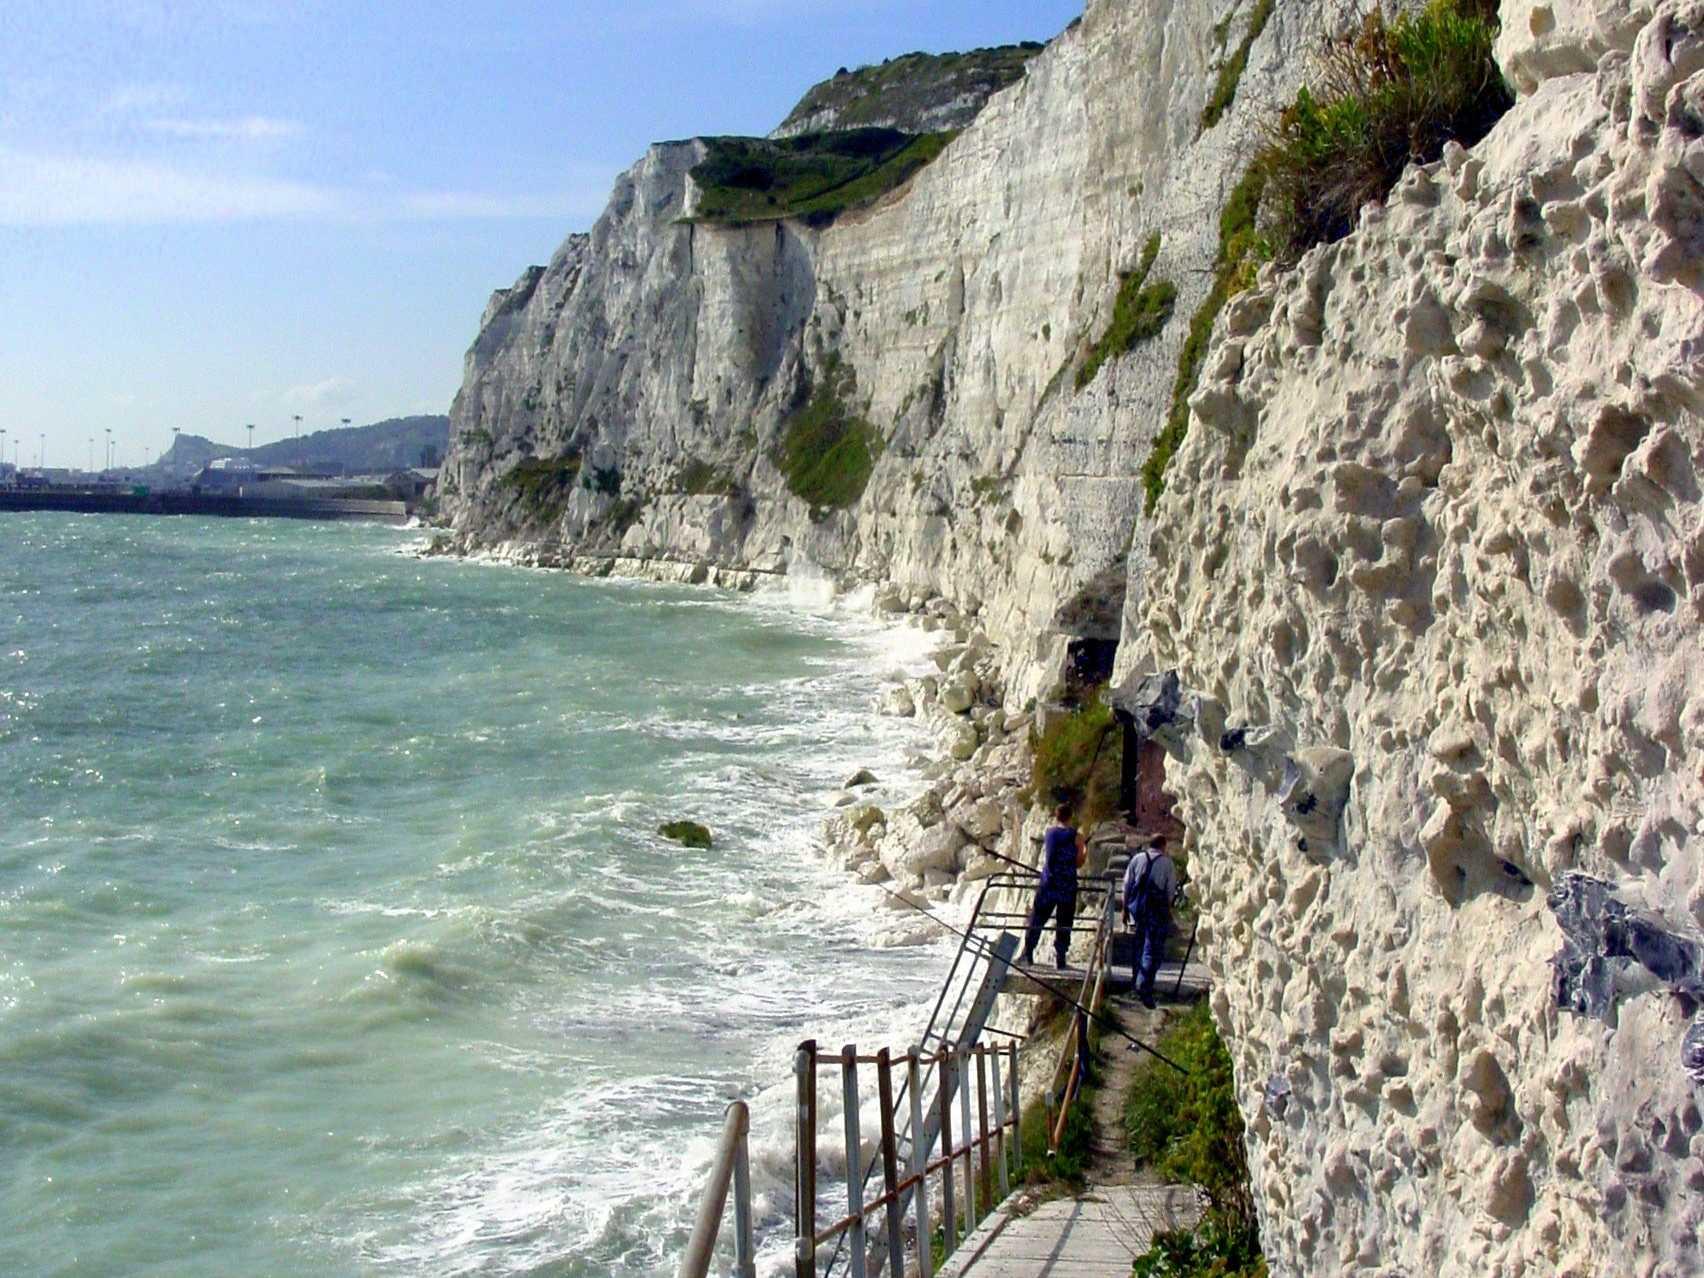 المنحدرات الصخرية البيضاء في دوفر – جنوب شرق انجلترا